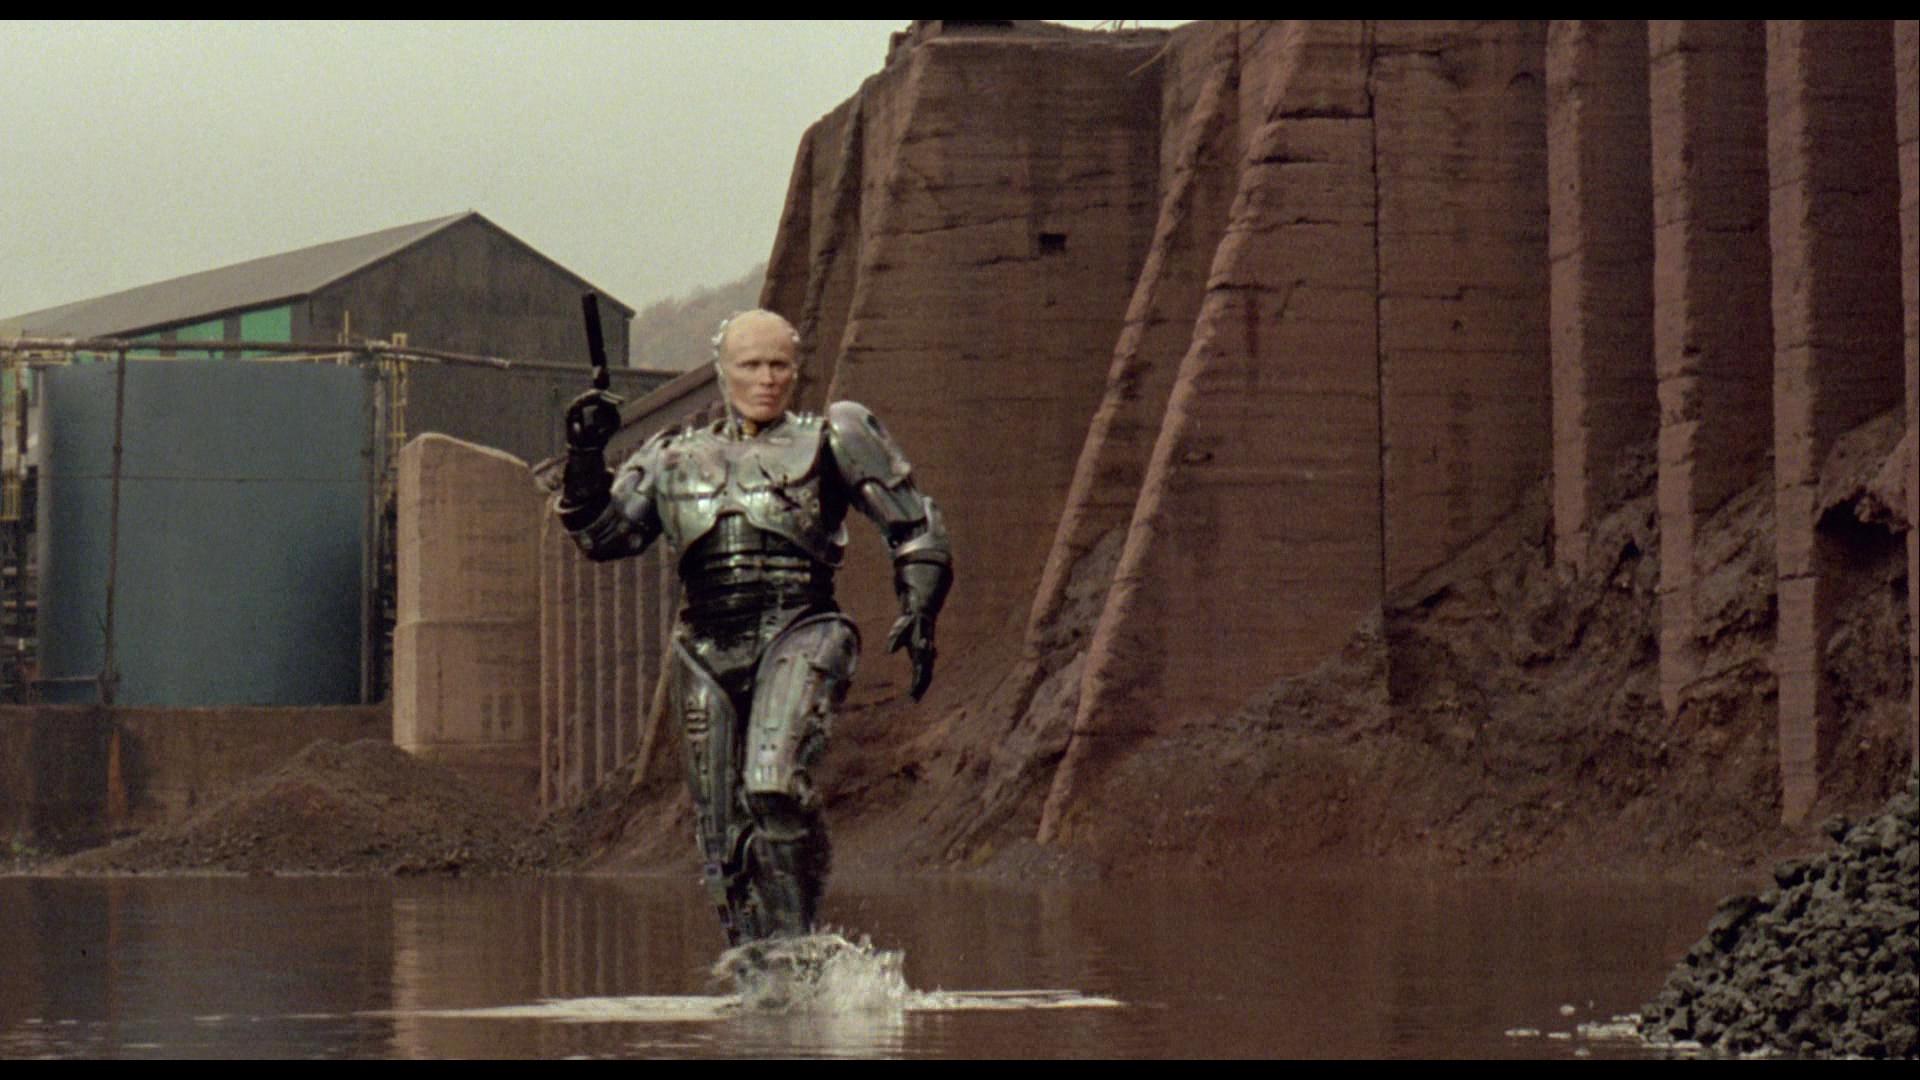 Egentligen går ju Murphy/Robocop (Peter Weller) i en pöl och inte PÅ vattnet. Men det räknas ändå. Foto: Orion Pictures.